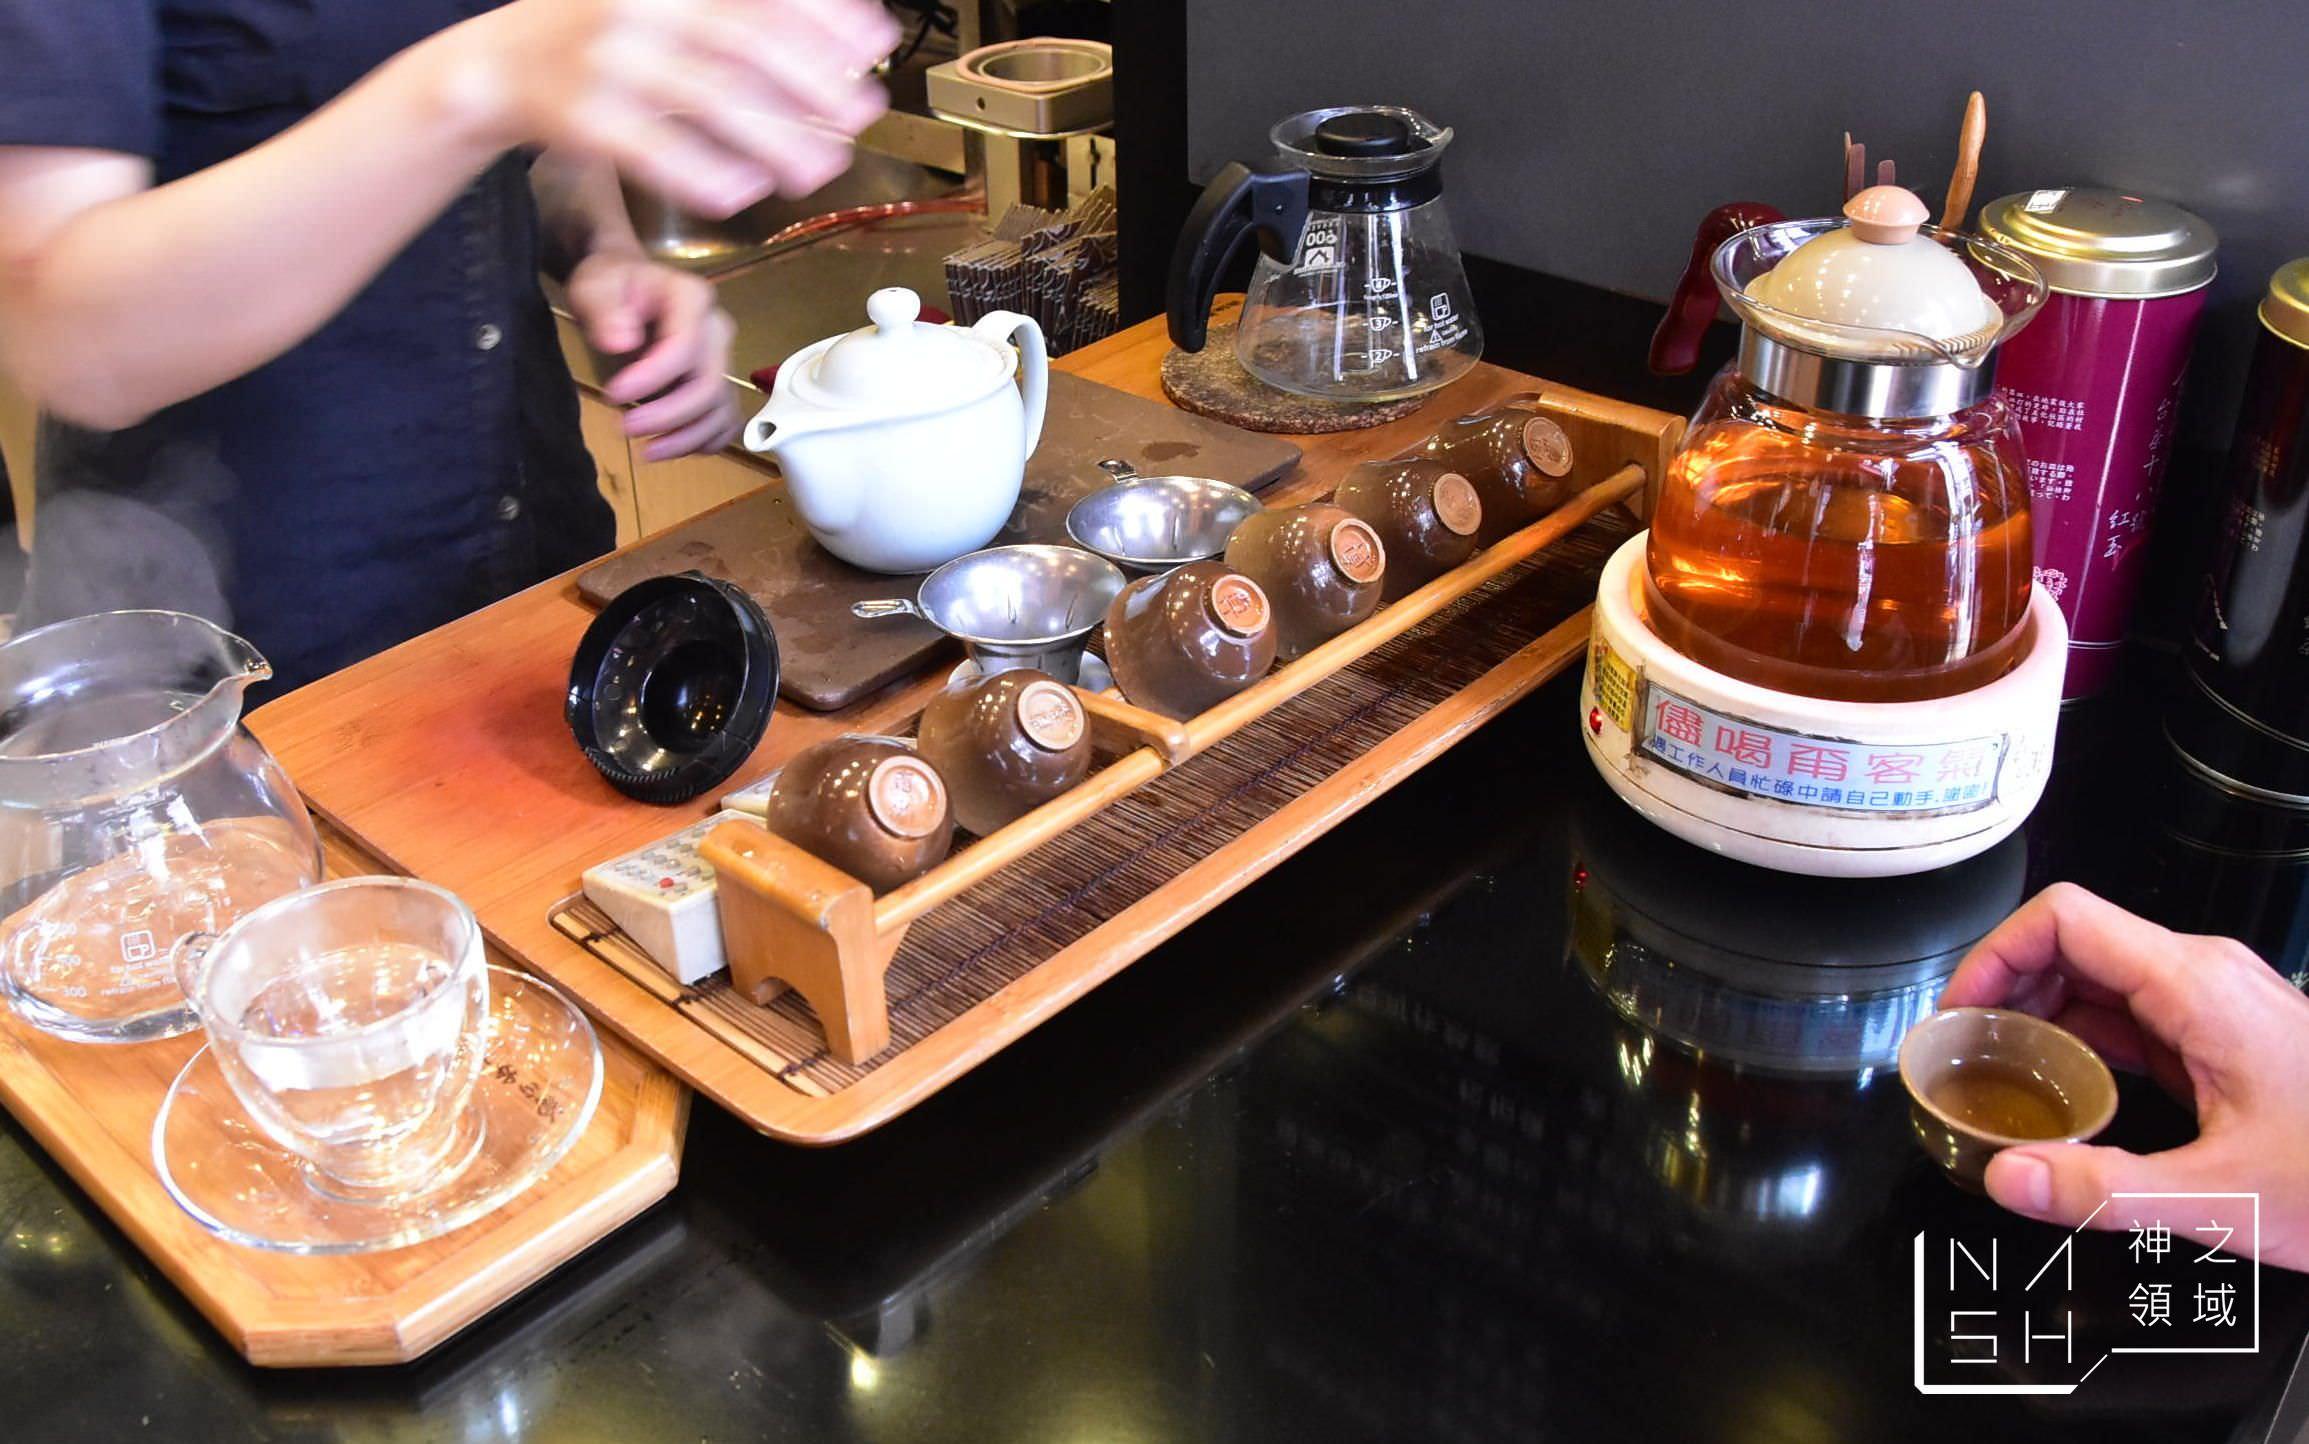 高捷巨蛋站飲料推薦,真愛台灣紅茶,飲料懶人包